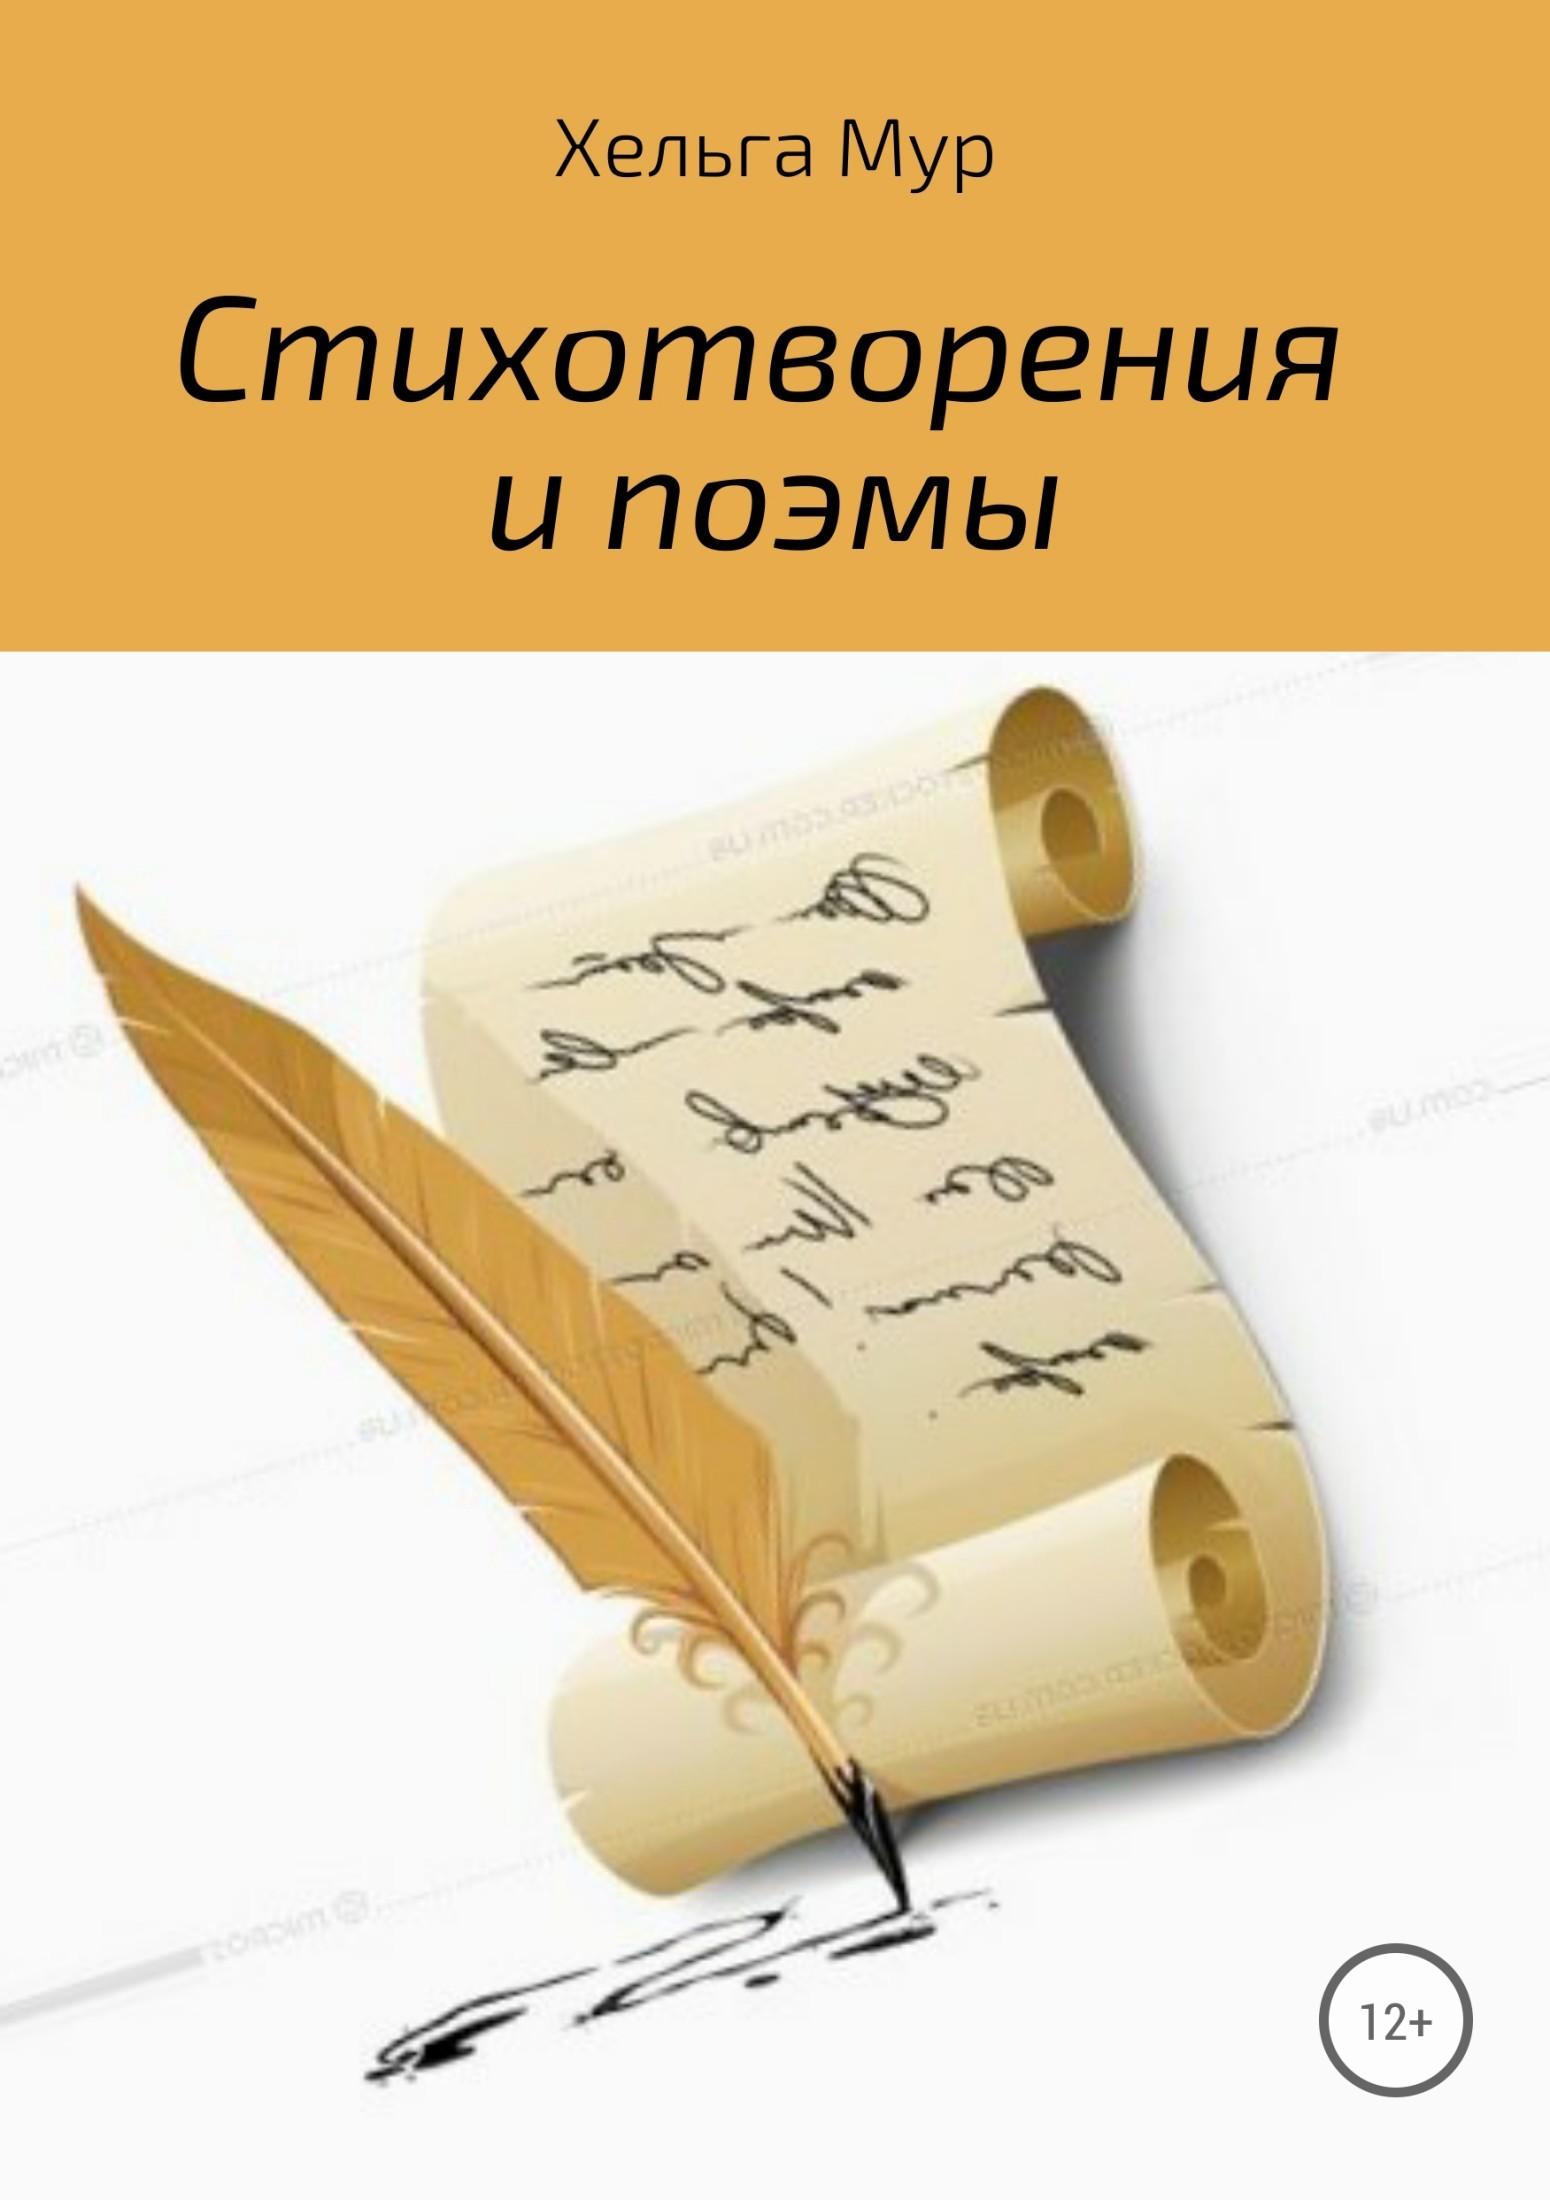 Хельга Мур Стихотворения и поэмы астахова соецкая тымкова н поэмы о любви